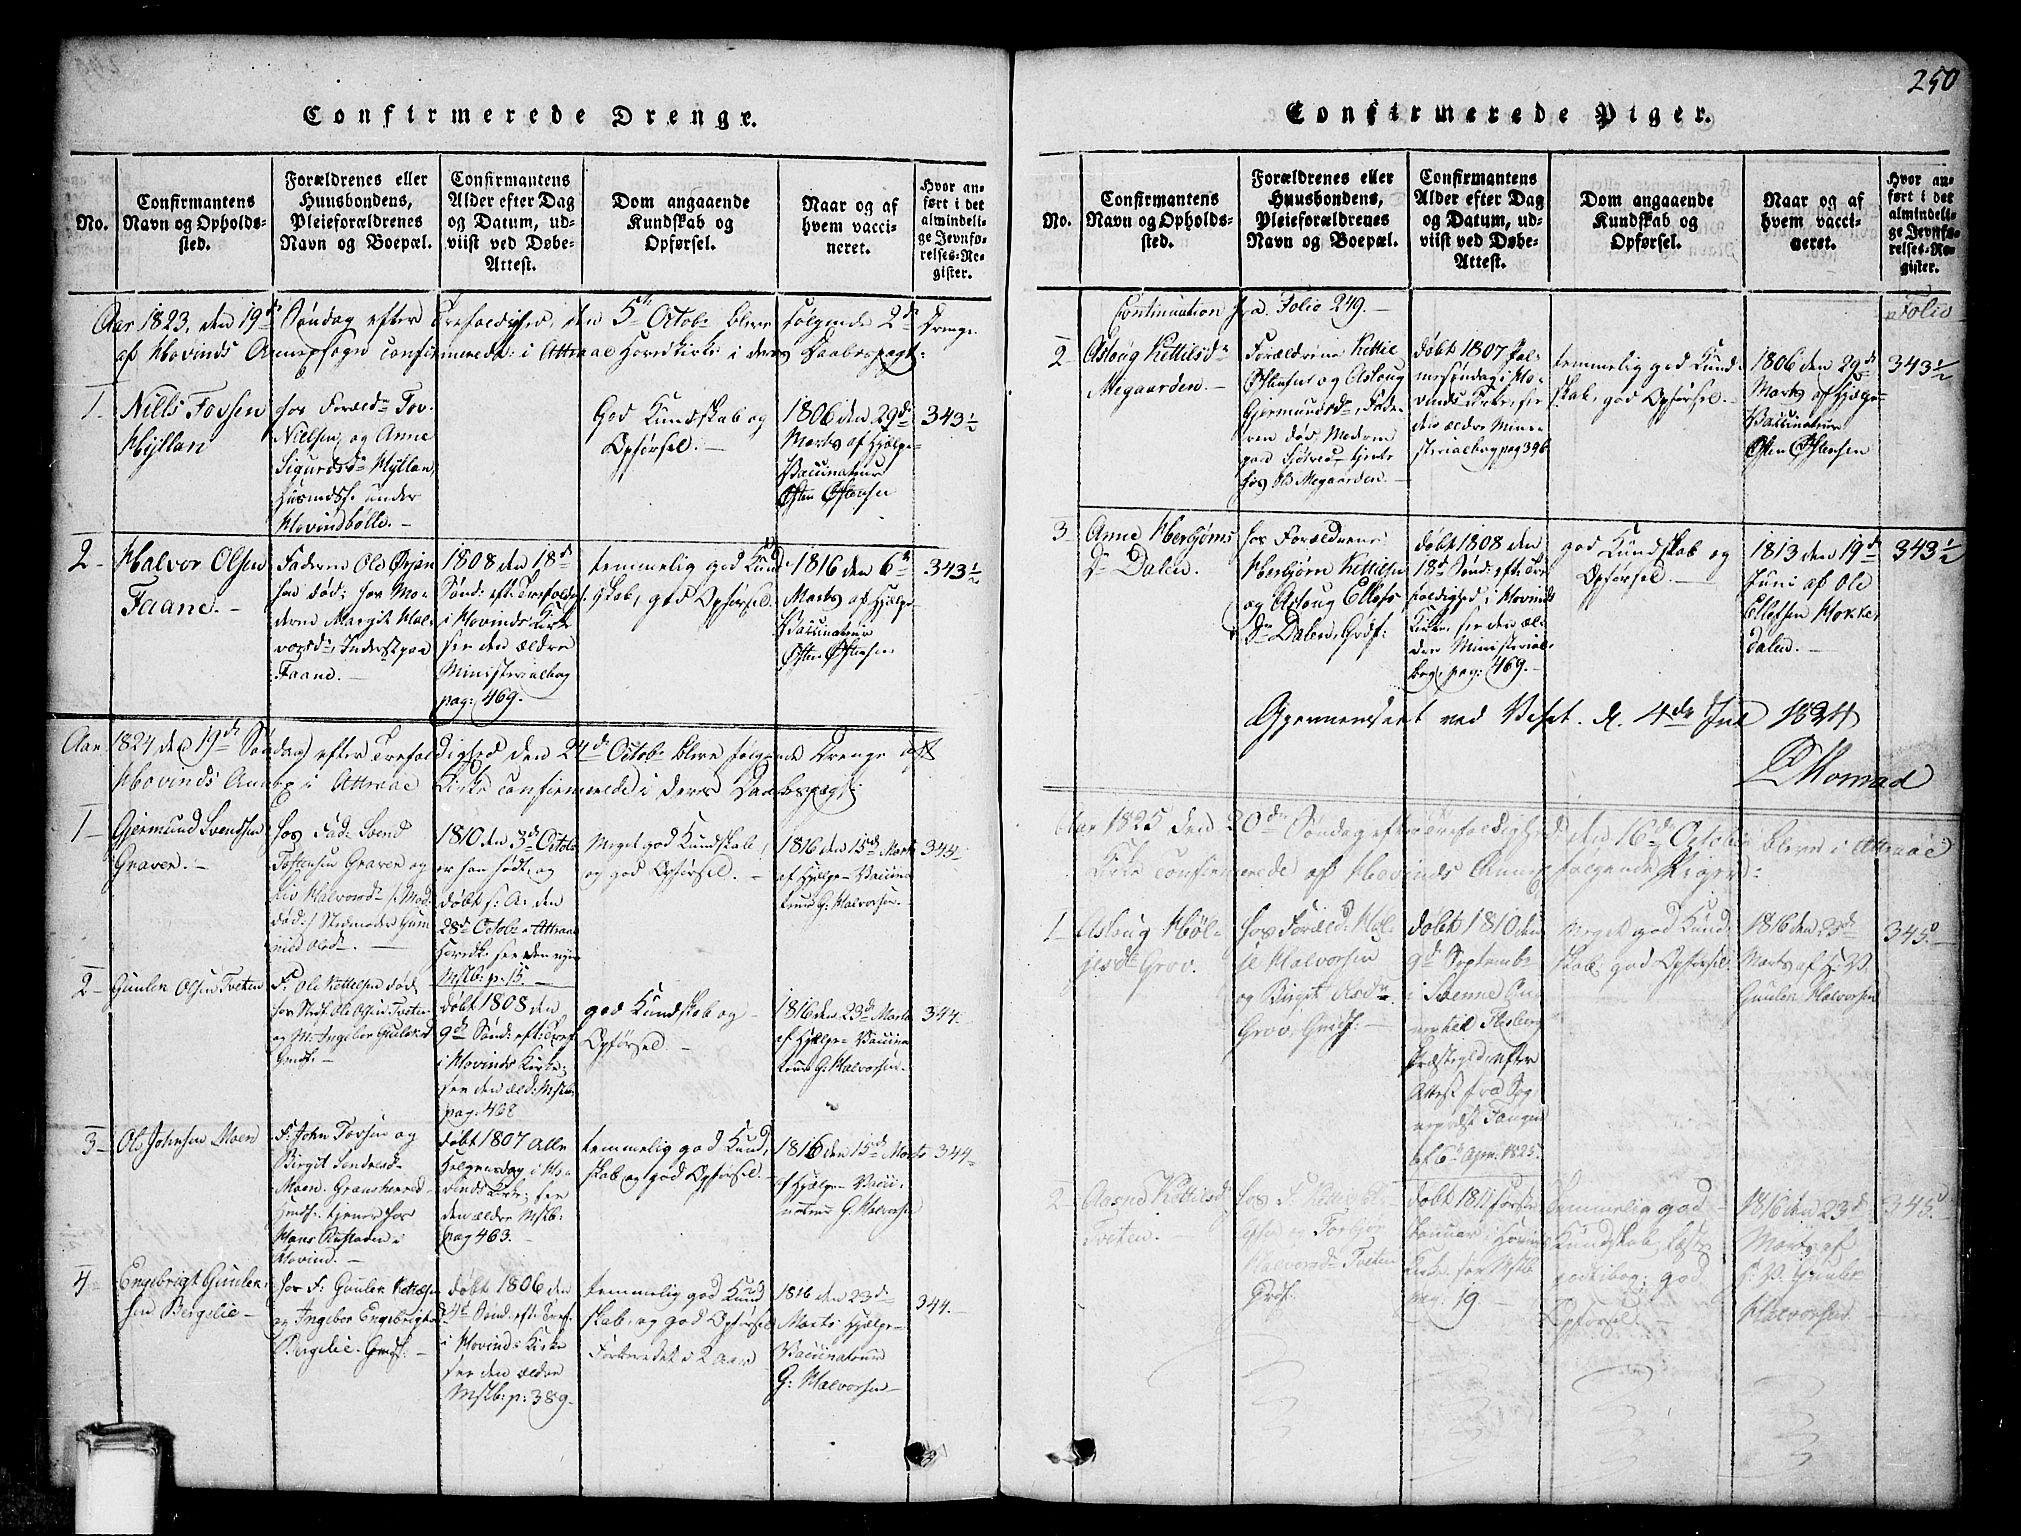 SAKO, Gransherad kirkebøker, G/Gb/L0001: Klokkerbok nr. II 1, 1815-1860, s. 250